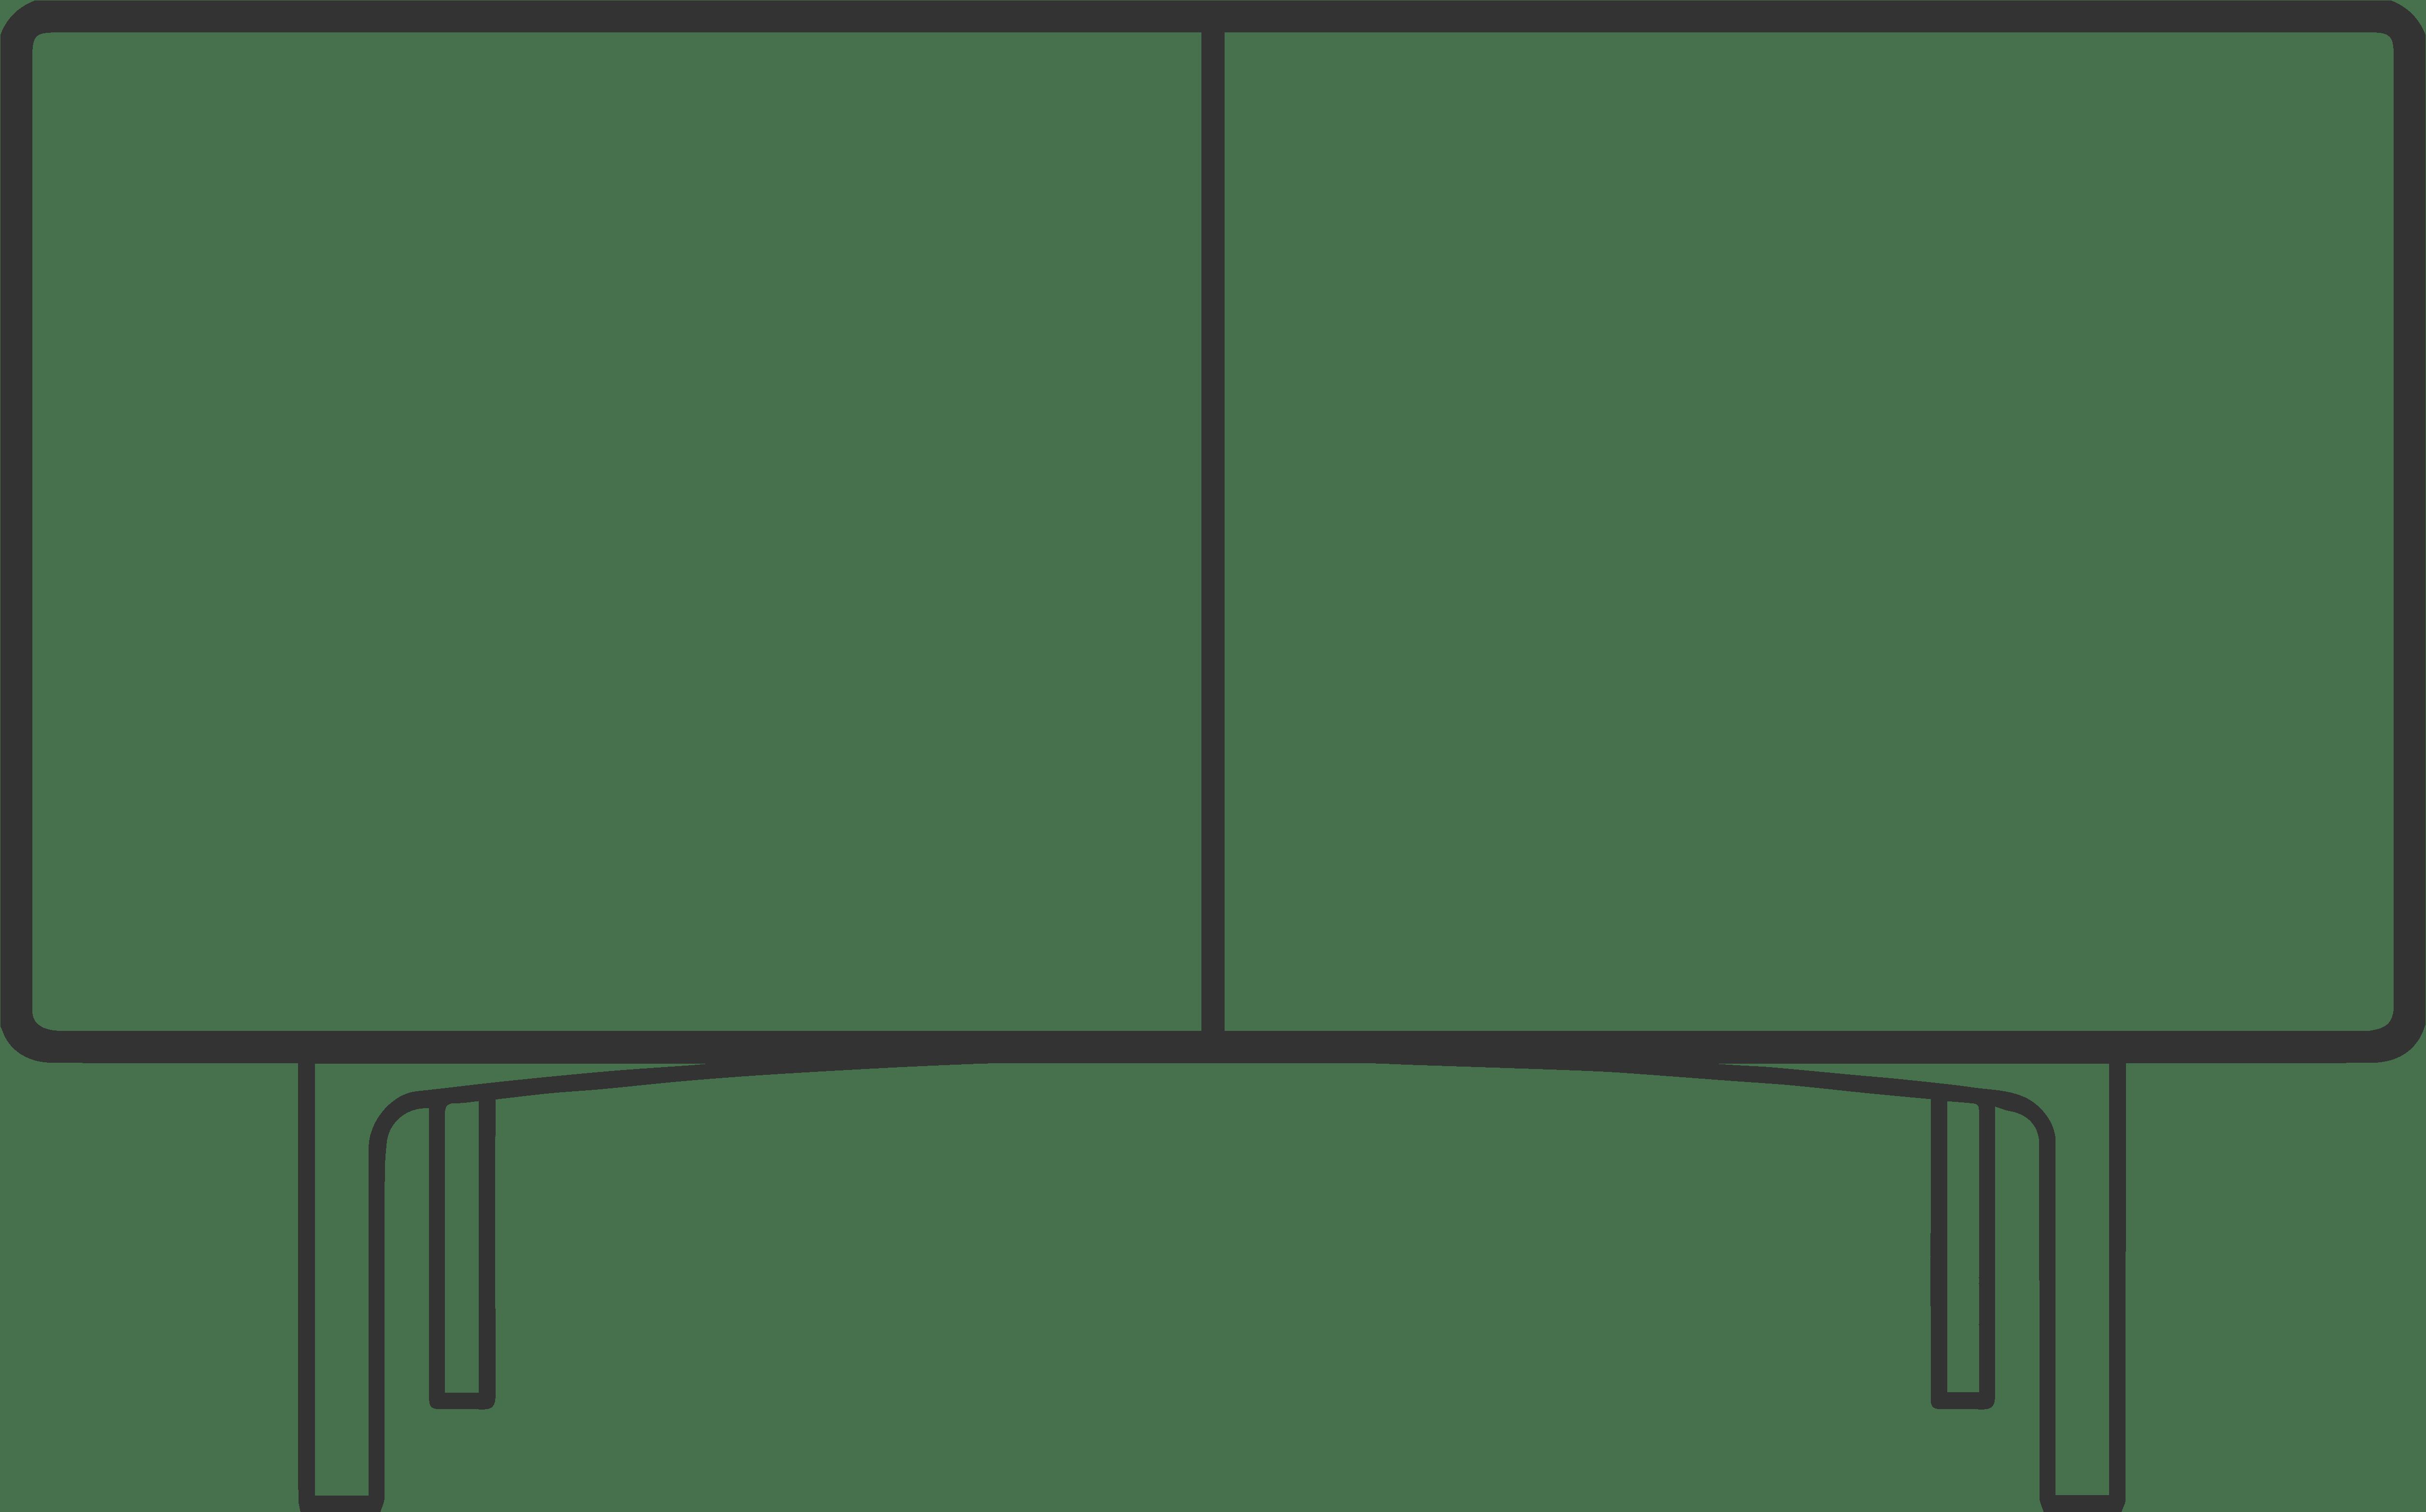 Ansichtszeichnung_Passion_Sideboard_2